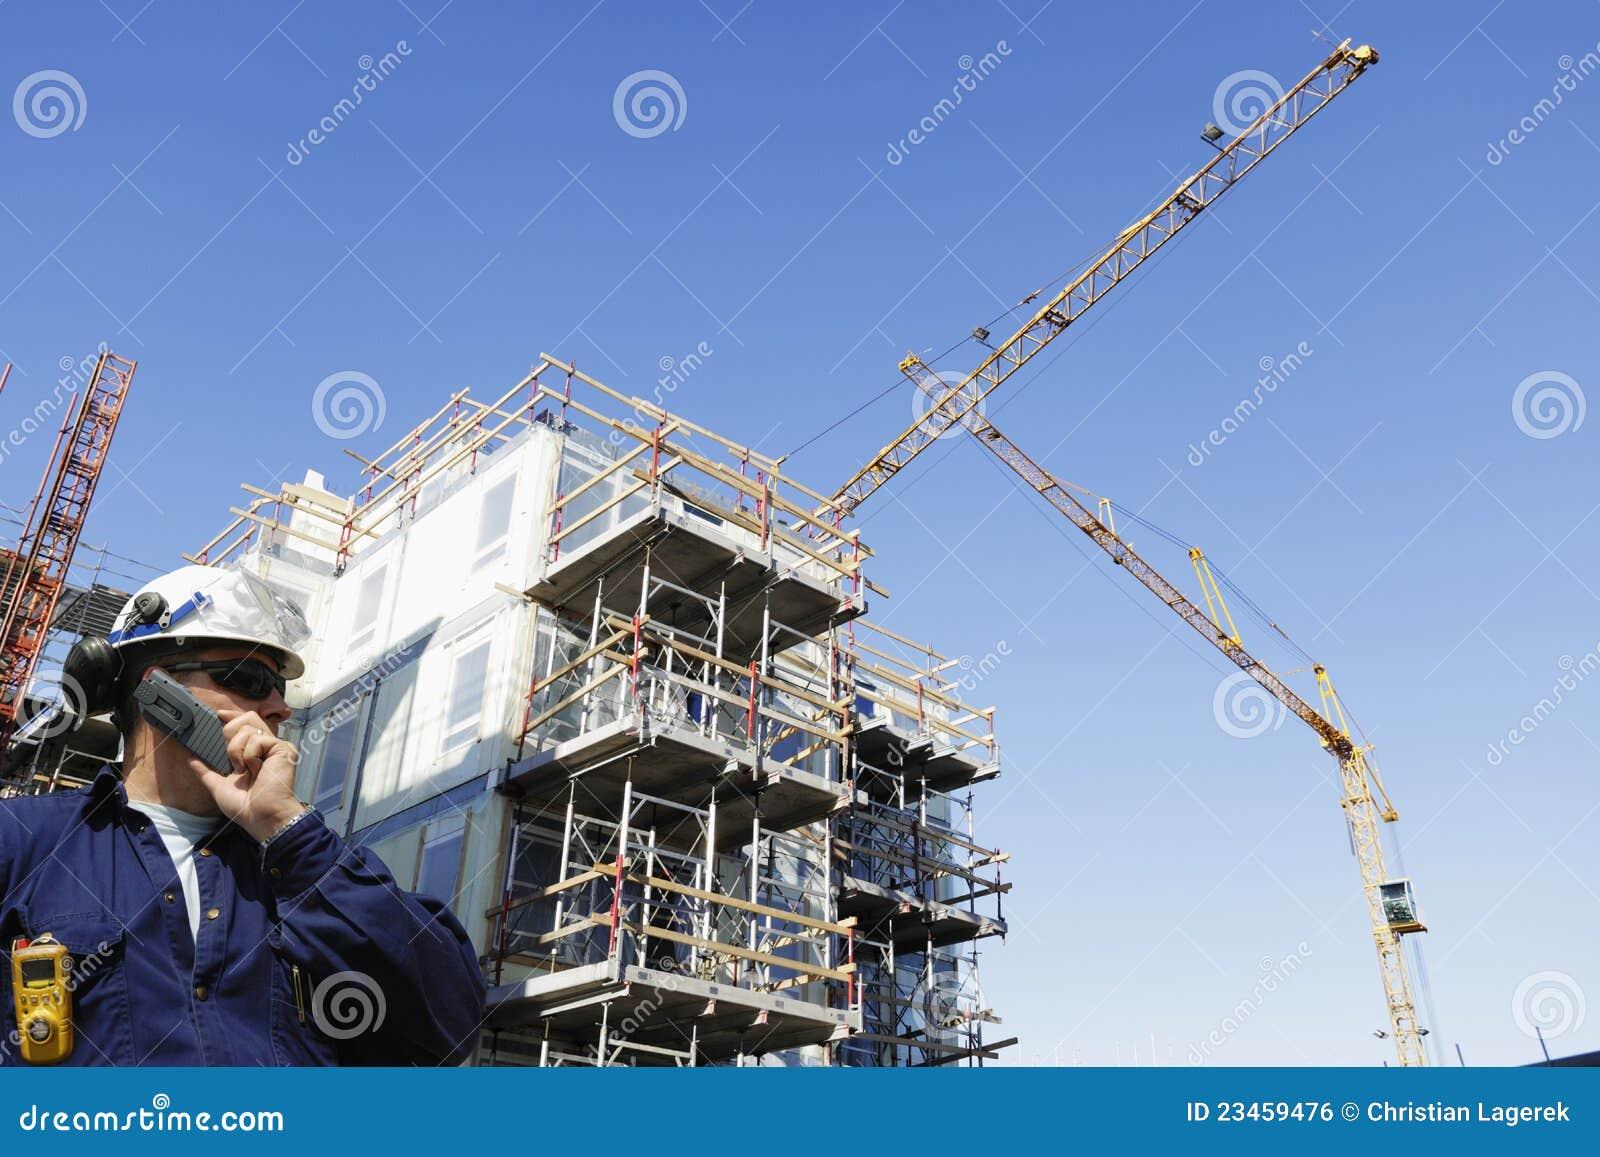 Chantier de construction avec des ouvriers photo stock for Chantiers de construction